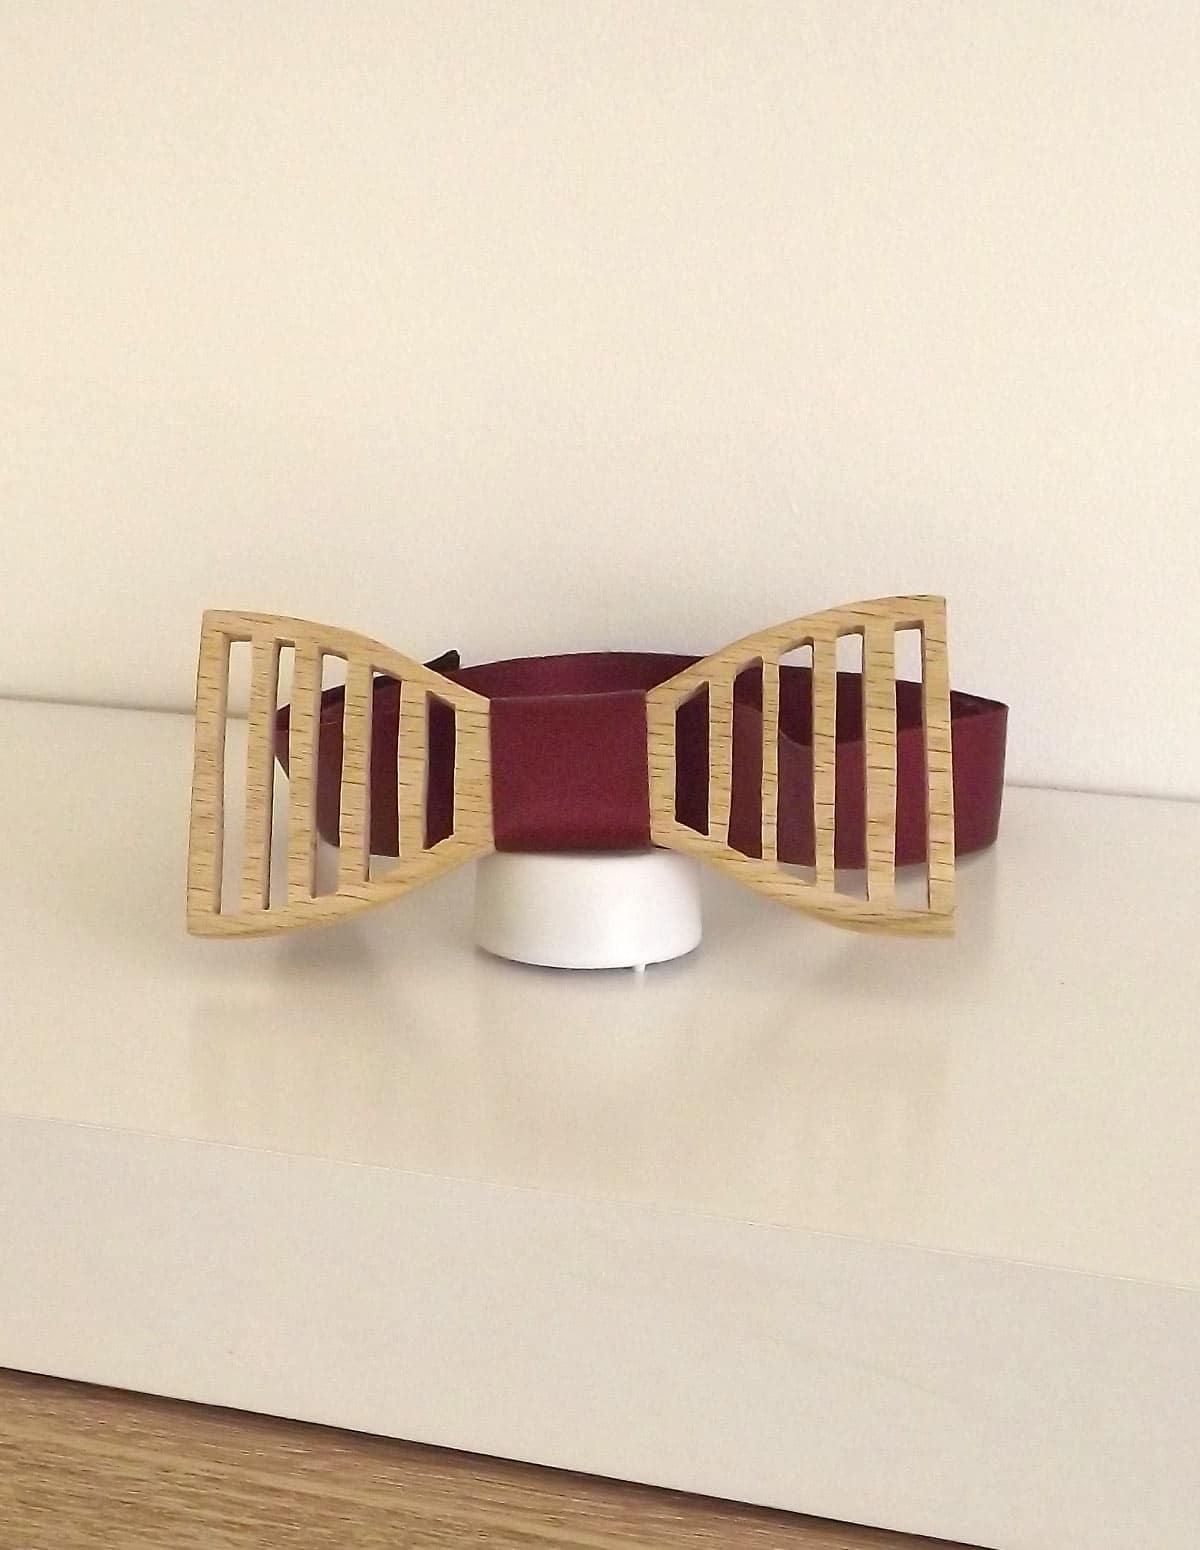 Un accessoire à la mode le noeud papillon est de retour et cette fois en bois. Alors messieurs, n'hésitez plus opter le noeud papillon bois.